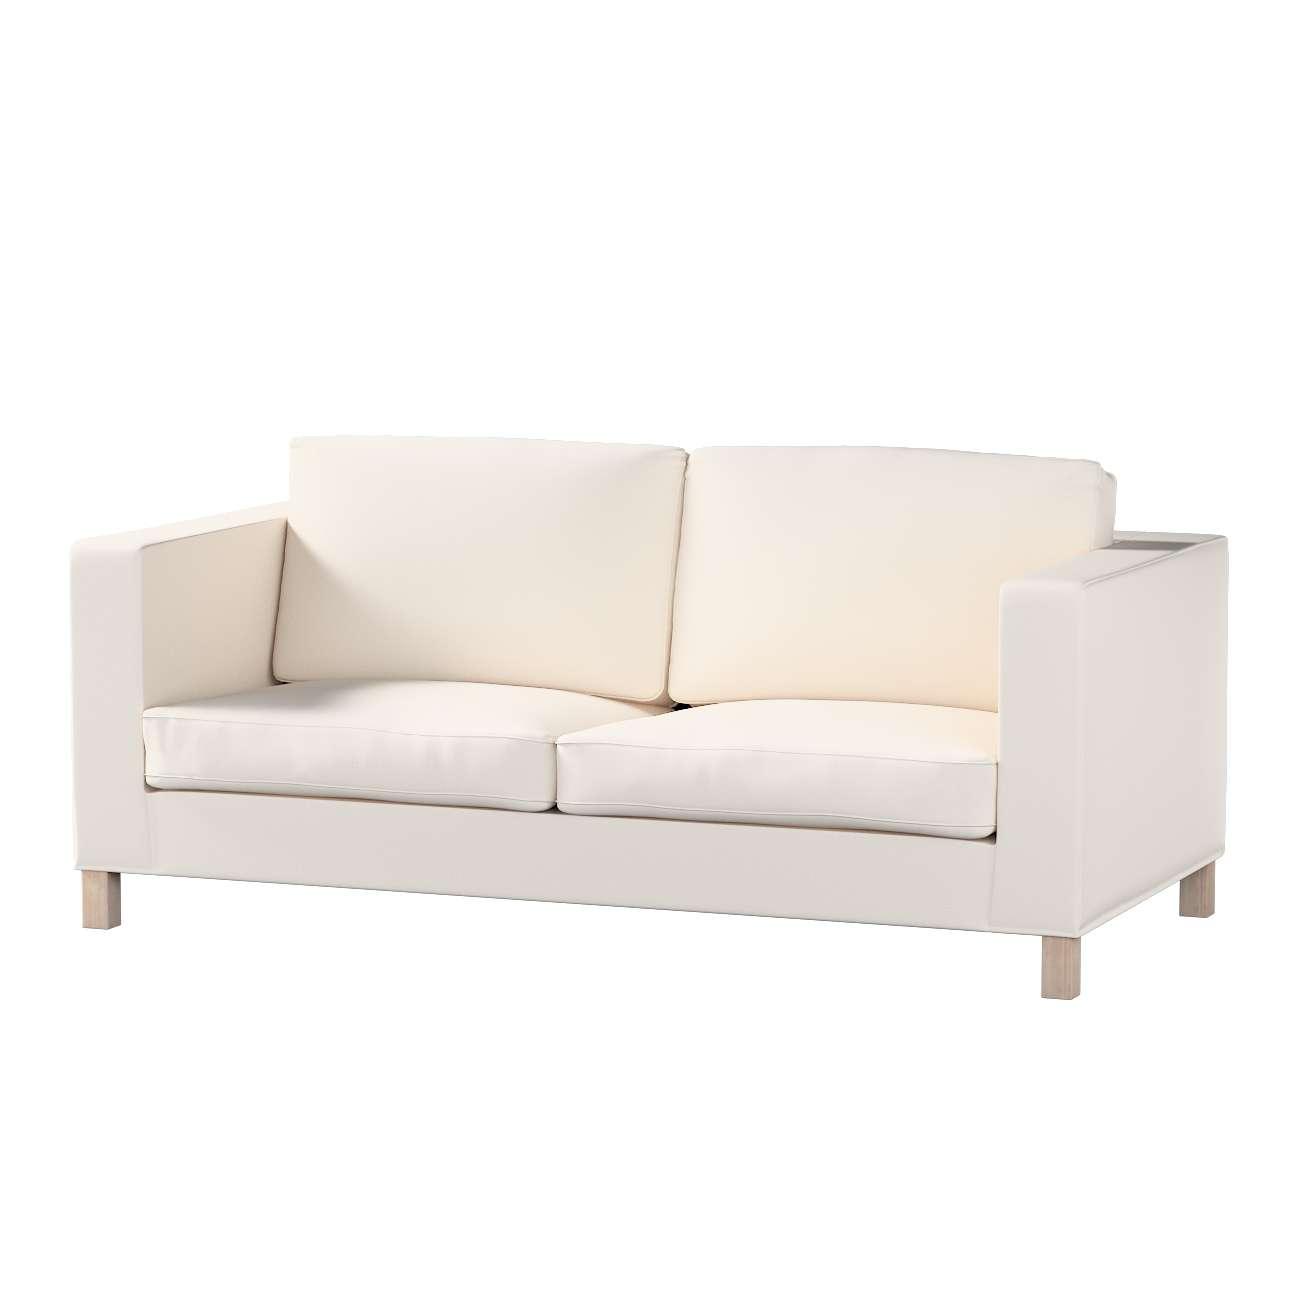 Pokrowiec na sofę Karlanda rozkładaną, krótki Sofa Karlanda rozkładana w kolekcji Etna , tkanina: 705-01